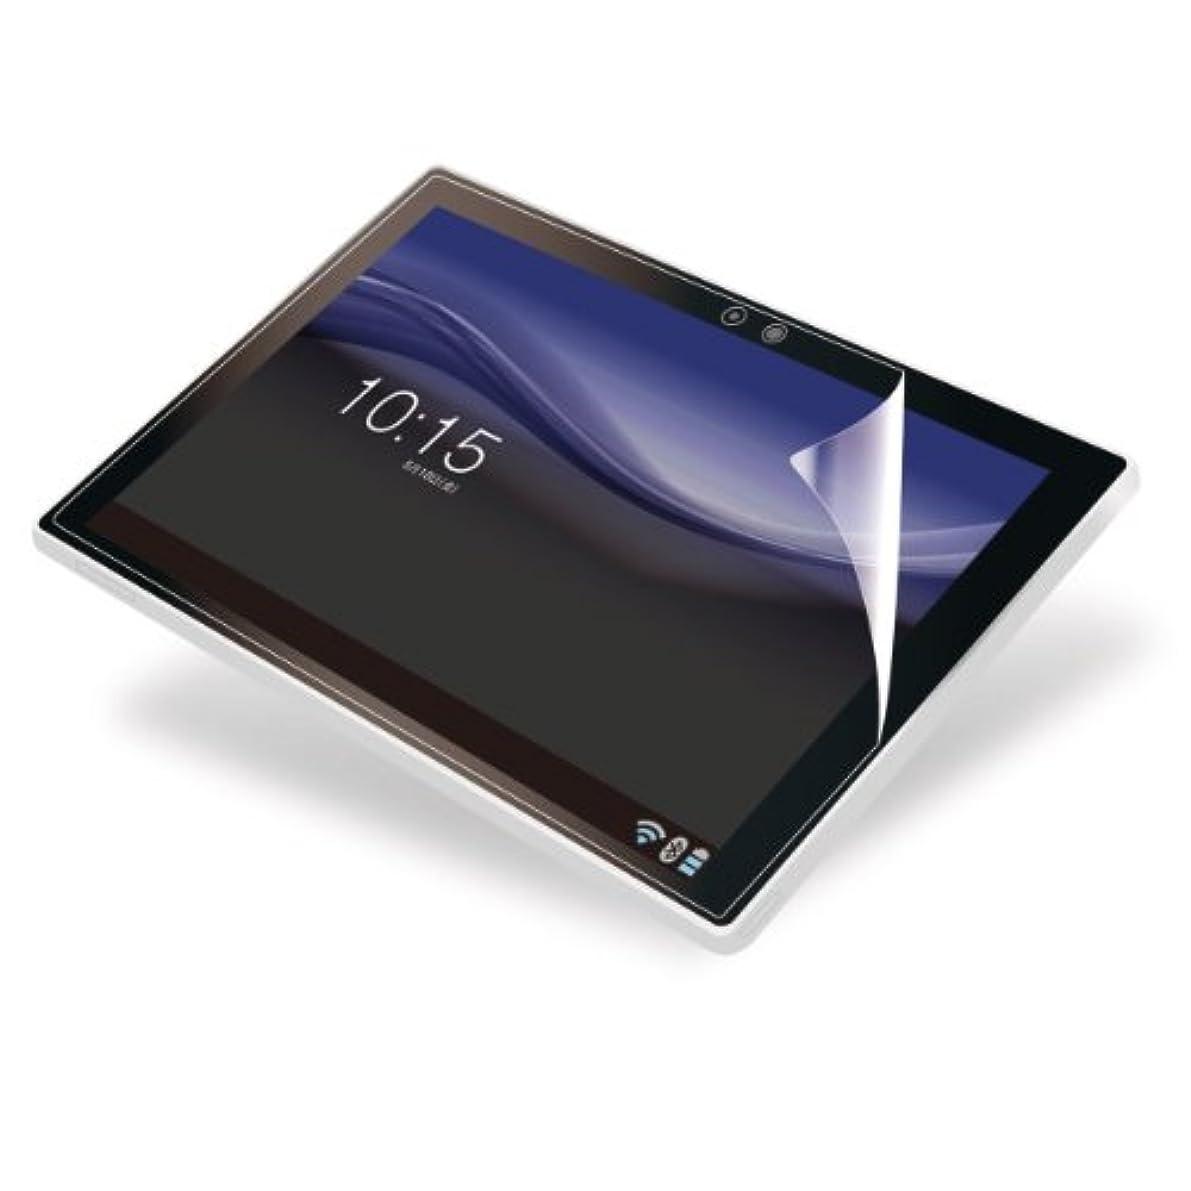 略す斧概要【2013年モデル】ELECOM 液晶保護フィルム SONY Xperia Tablet Z SO-03E 指紋防止 エアーレス 光沢 TBD-SOZ1AFLFAG